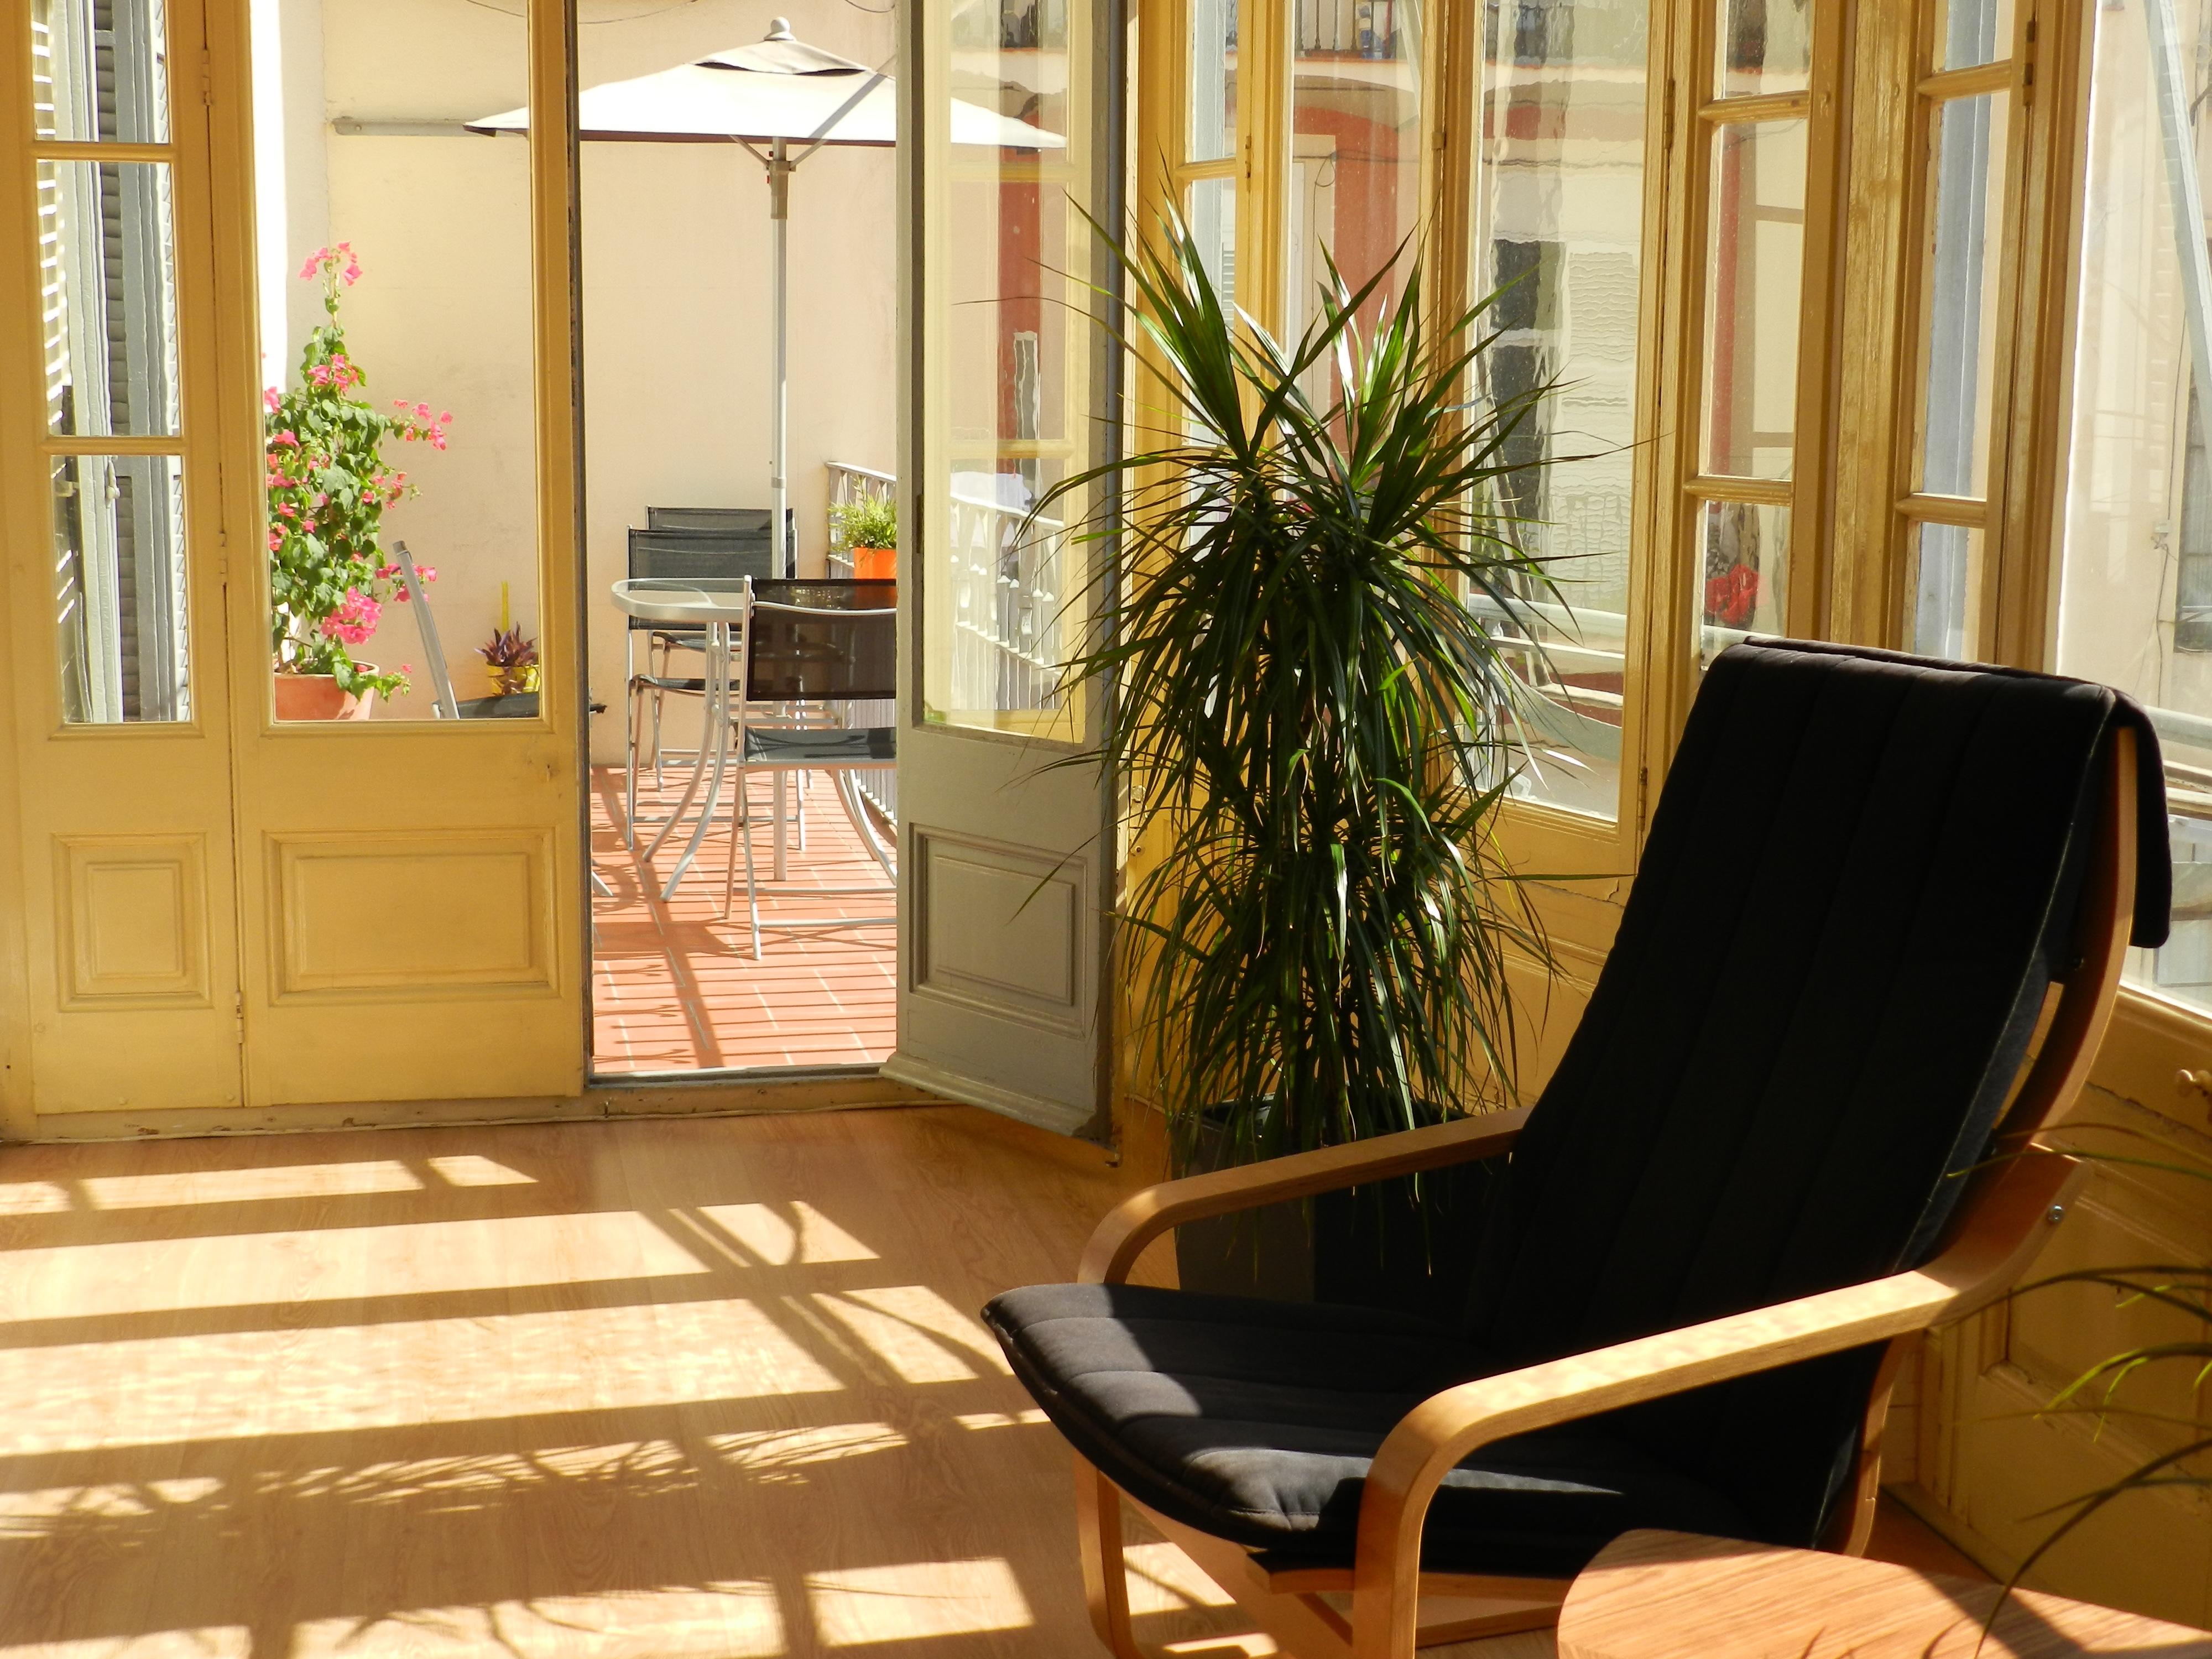 Alquiler sala por horas con galería y terraza